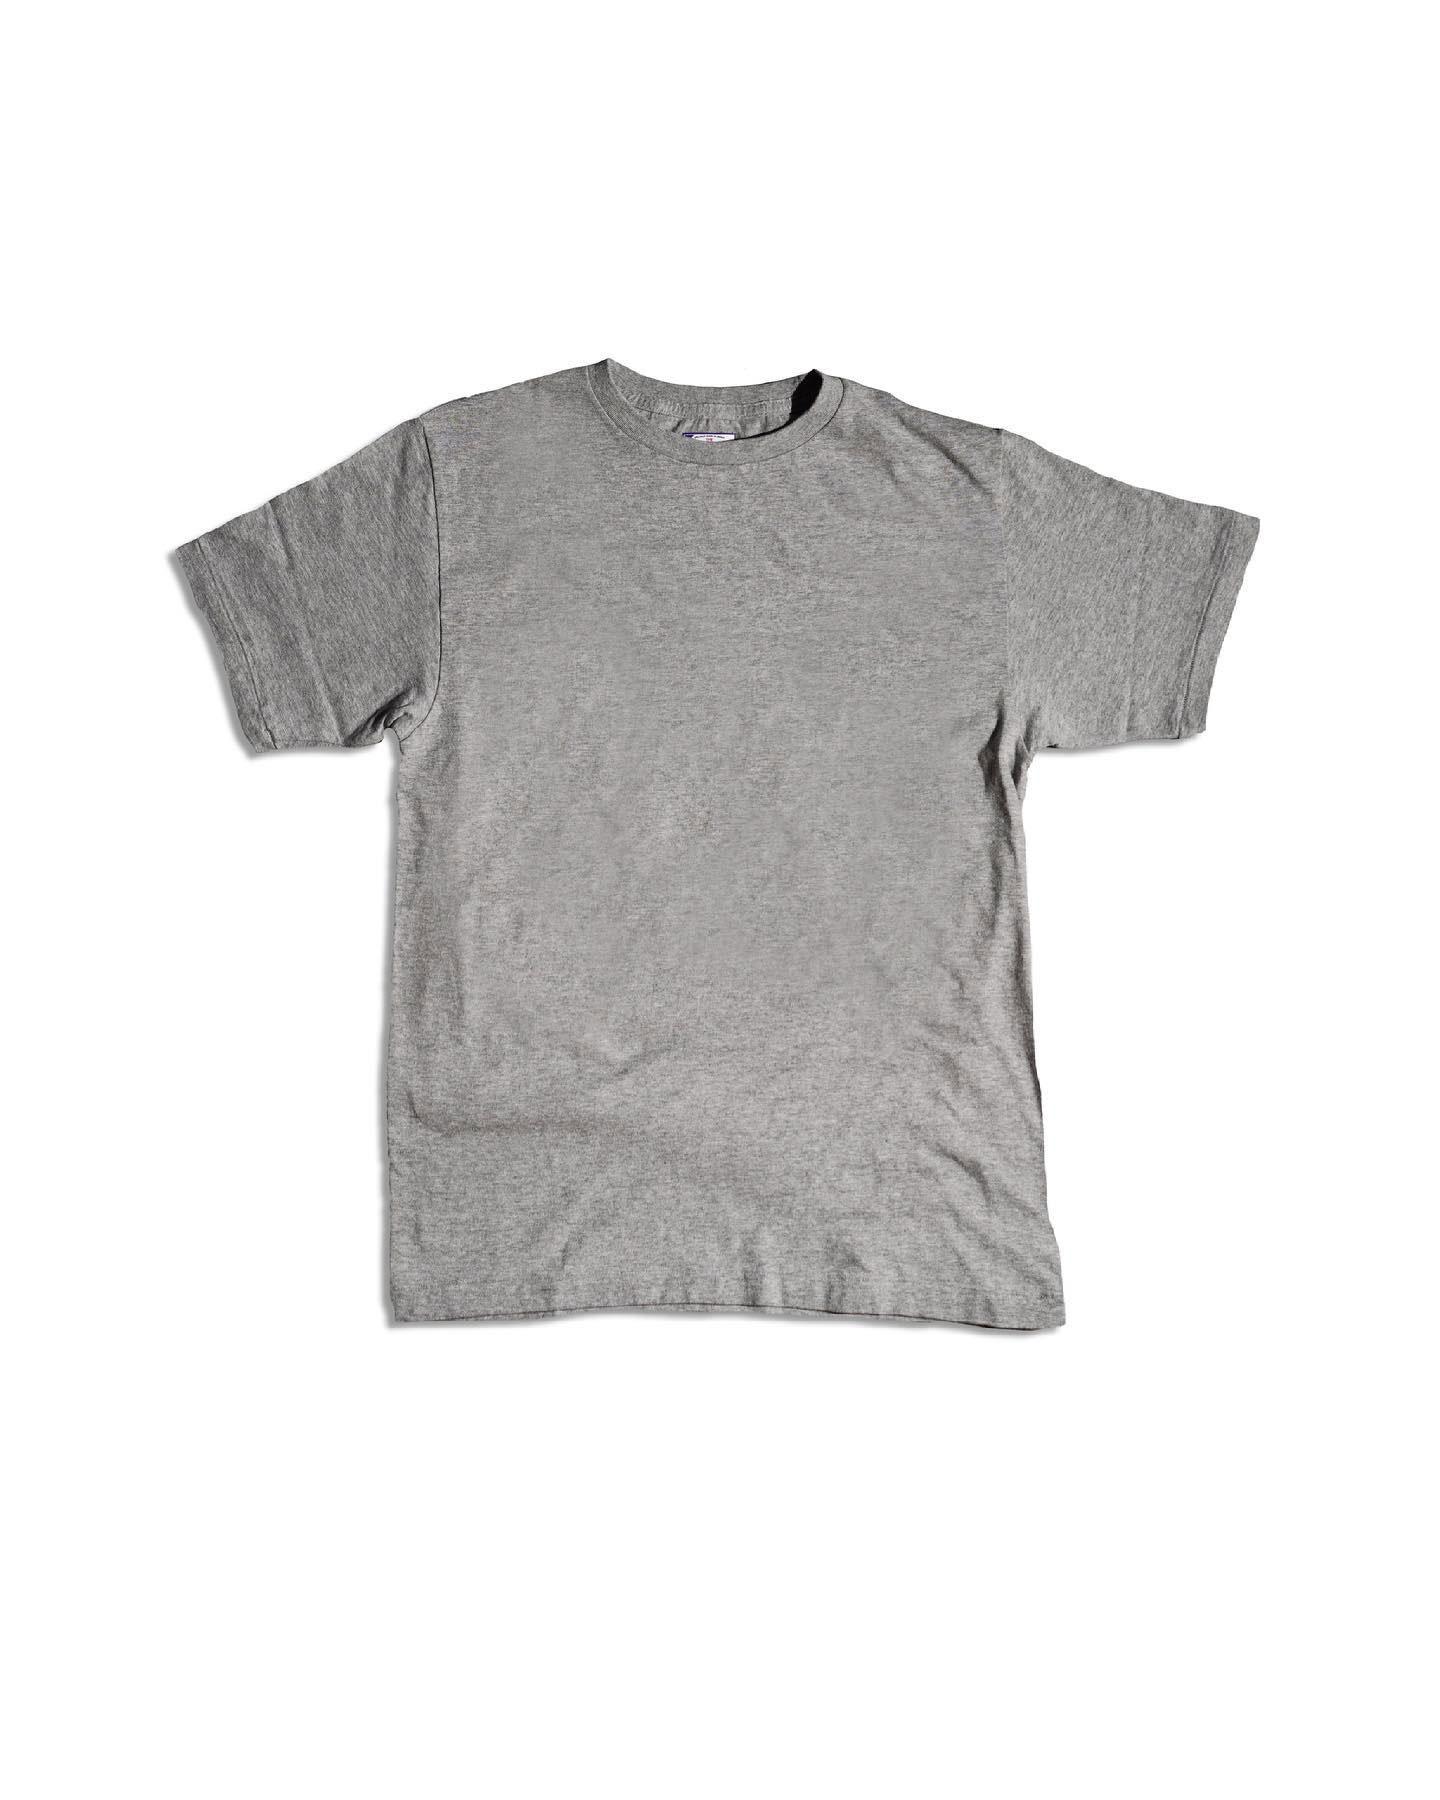 เสื้อยืดเทา The Decorum Tee Gray